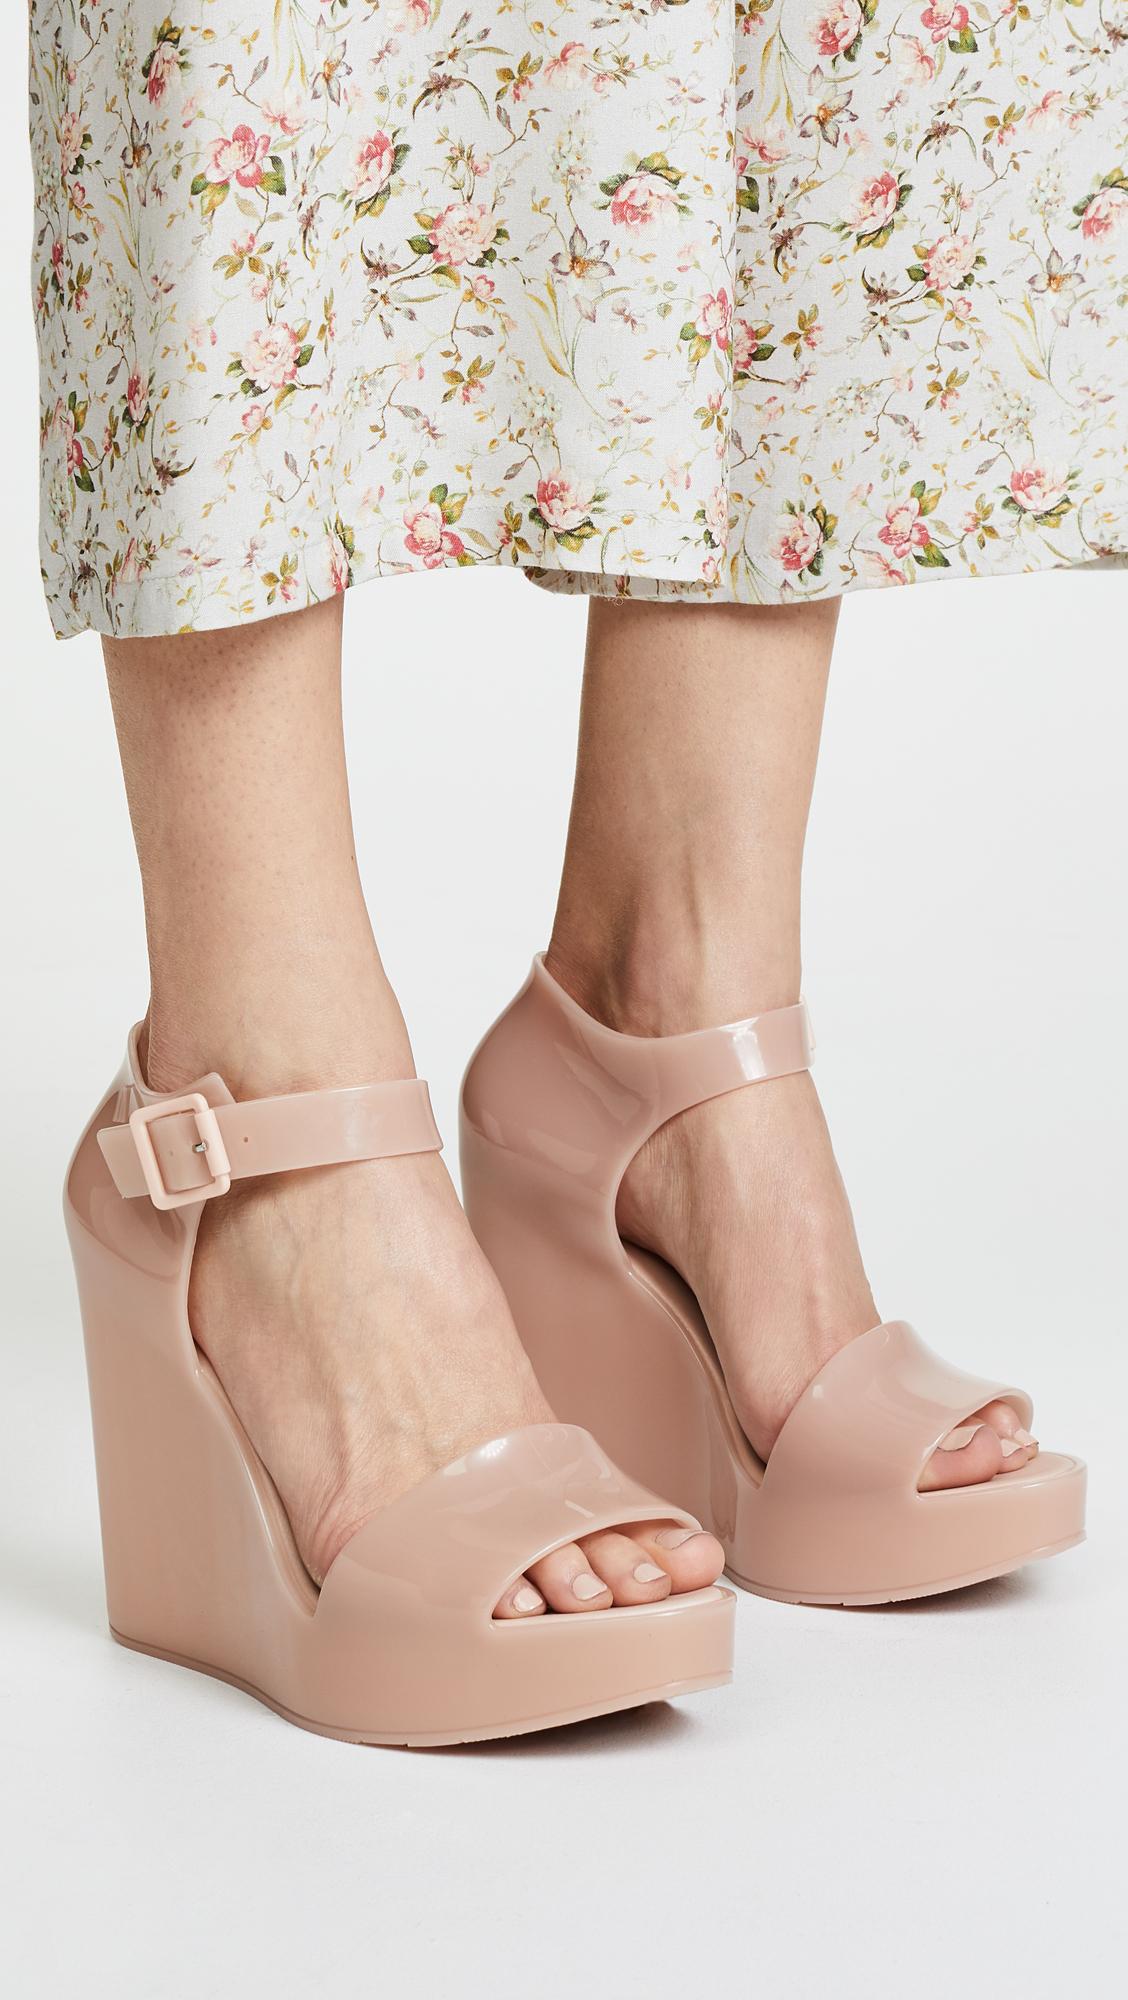 46fc121af3d Melissa Mar Wedge Sandals